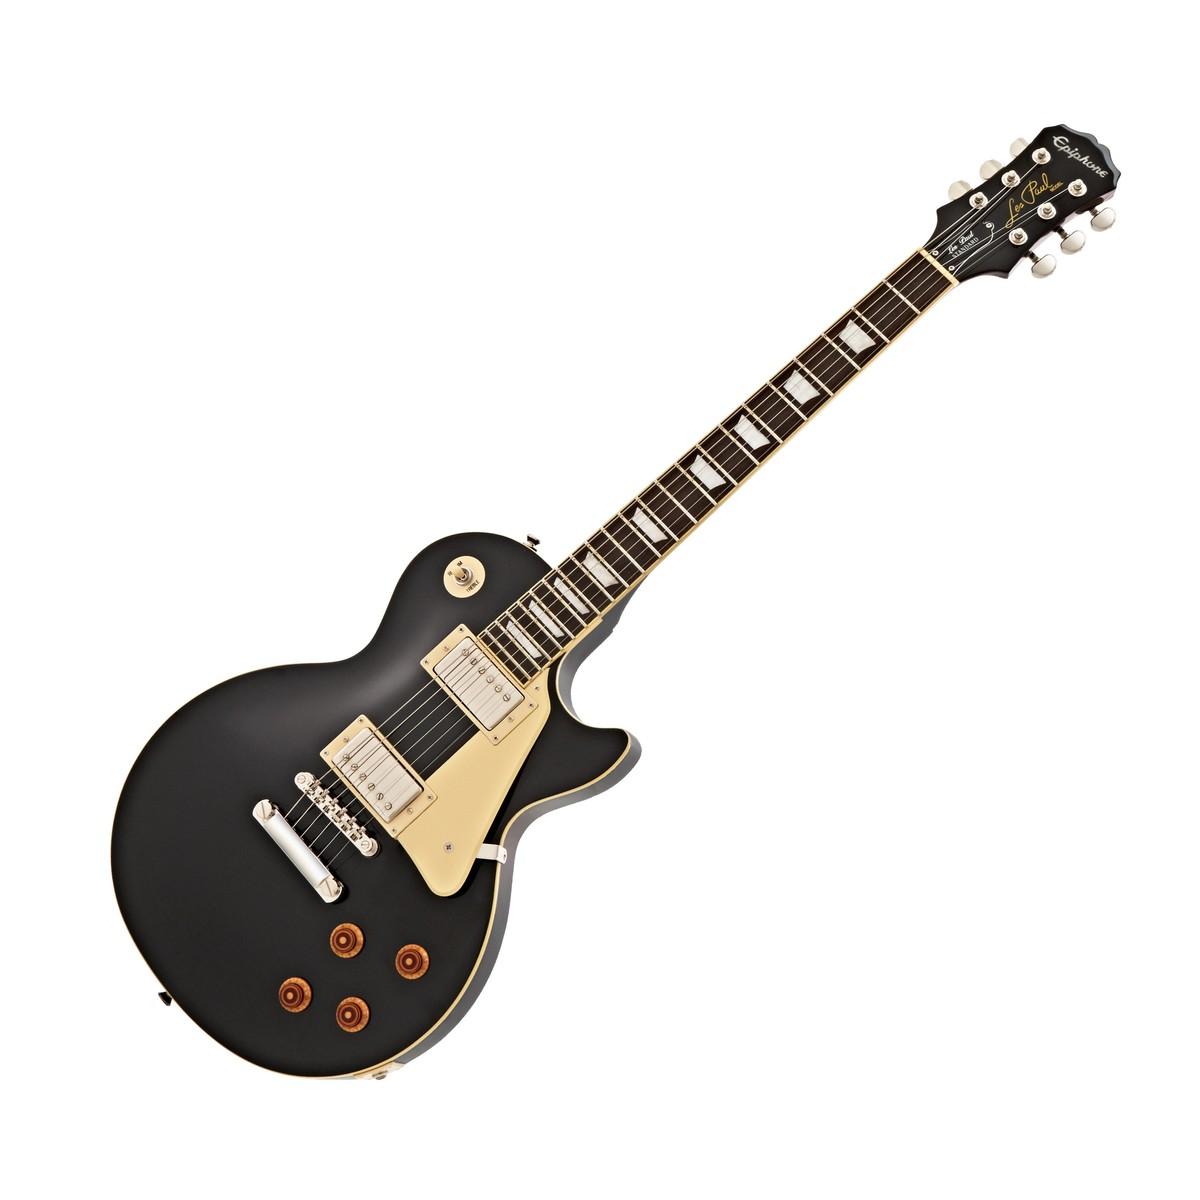 epiphone les paul standard guitare lectrique b ne gear4music. Black Bedroom Furniture Sets. Home Design Ideas